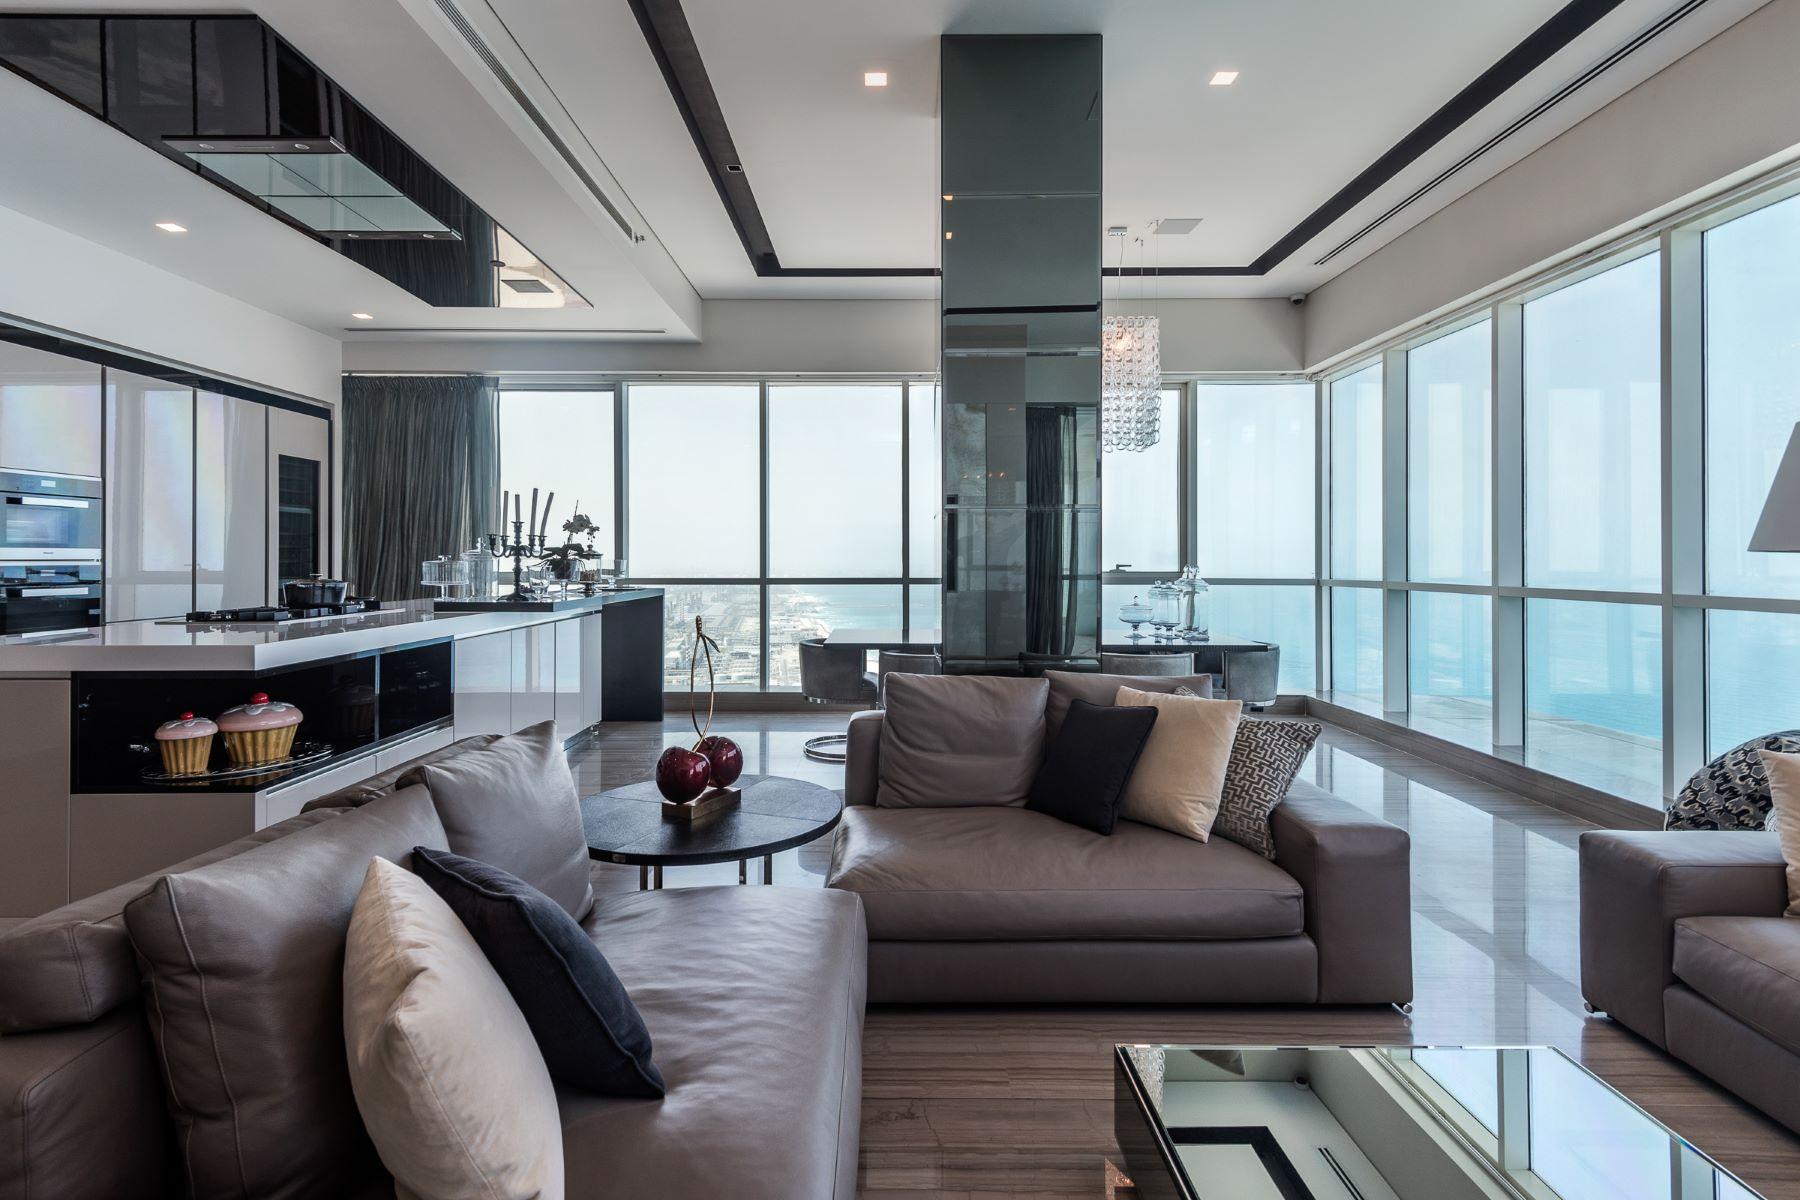 Квартира для того Продажа на JBR Luxury Penthouse Dubai, Дубай Объединенные Арабские Эмираты